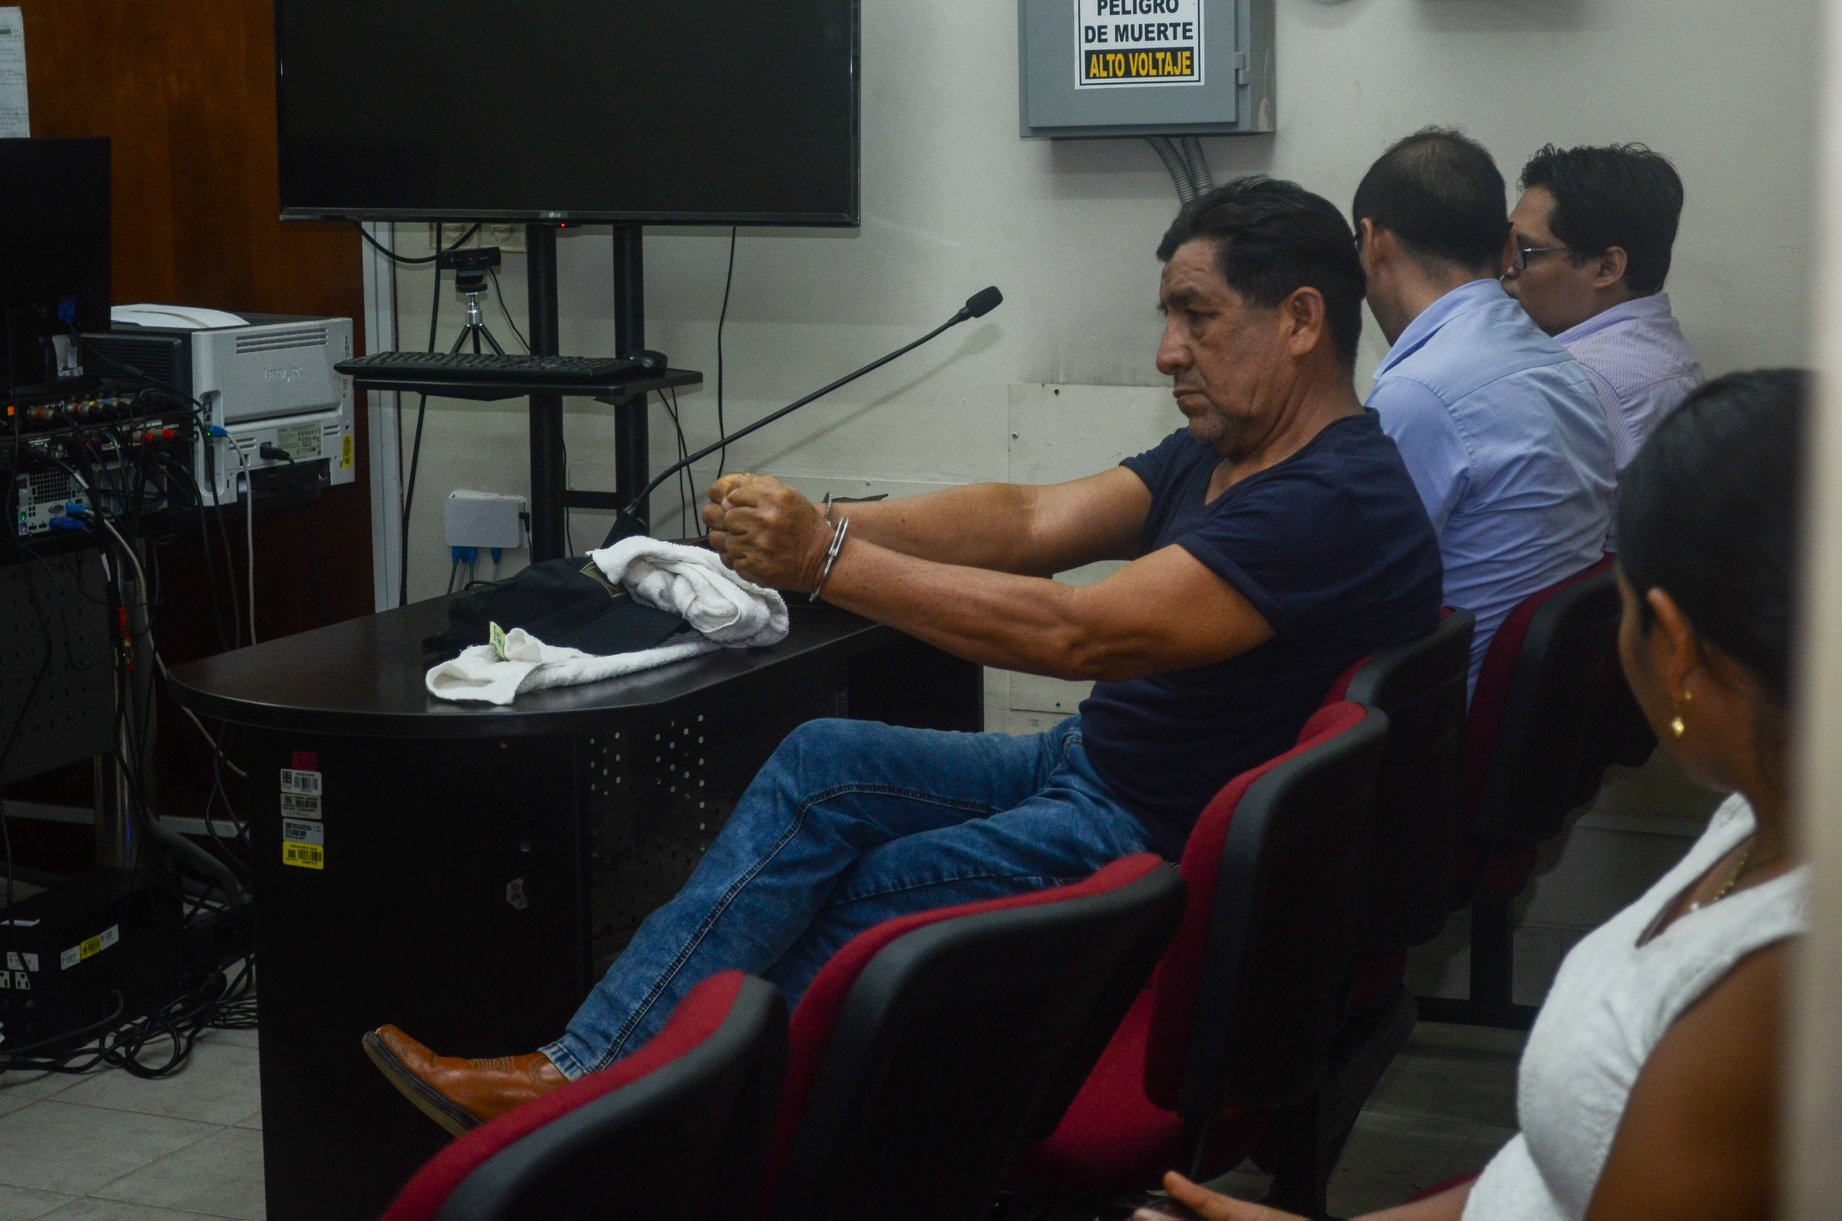 Un operativo en la Dirección Regional de Agricultura de Ucayali puso en evidencia los manejos ilegales en la entrega de tierras en la región. Foto: Diario Ímpetu.